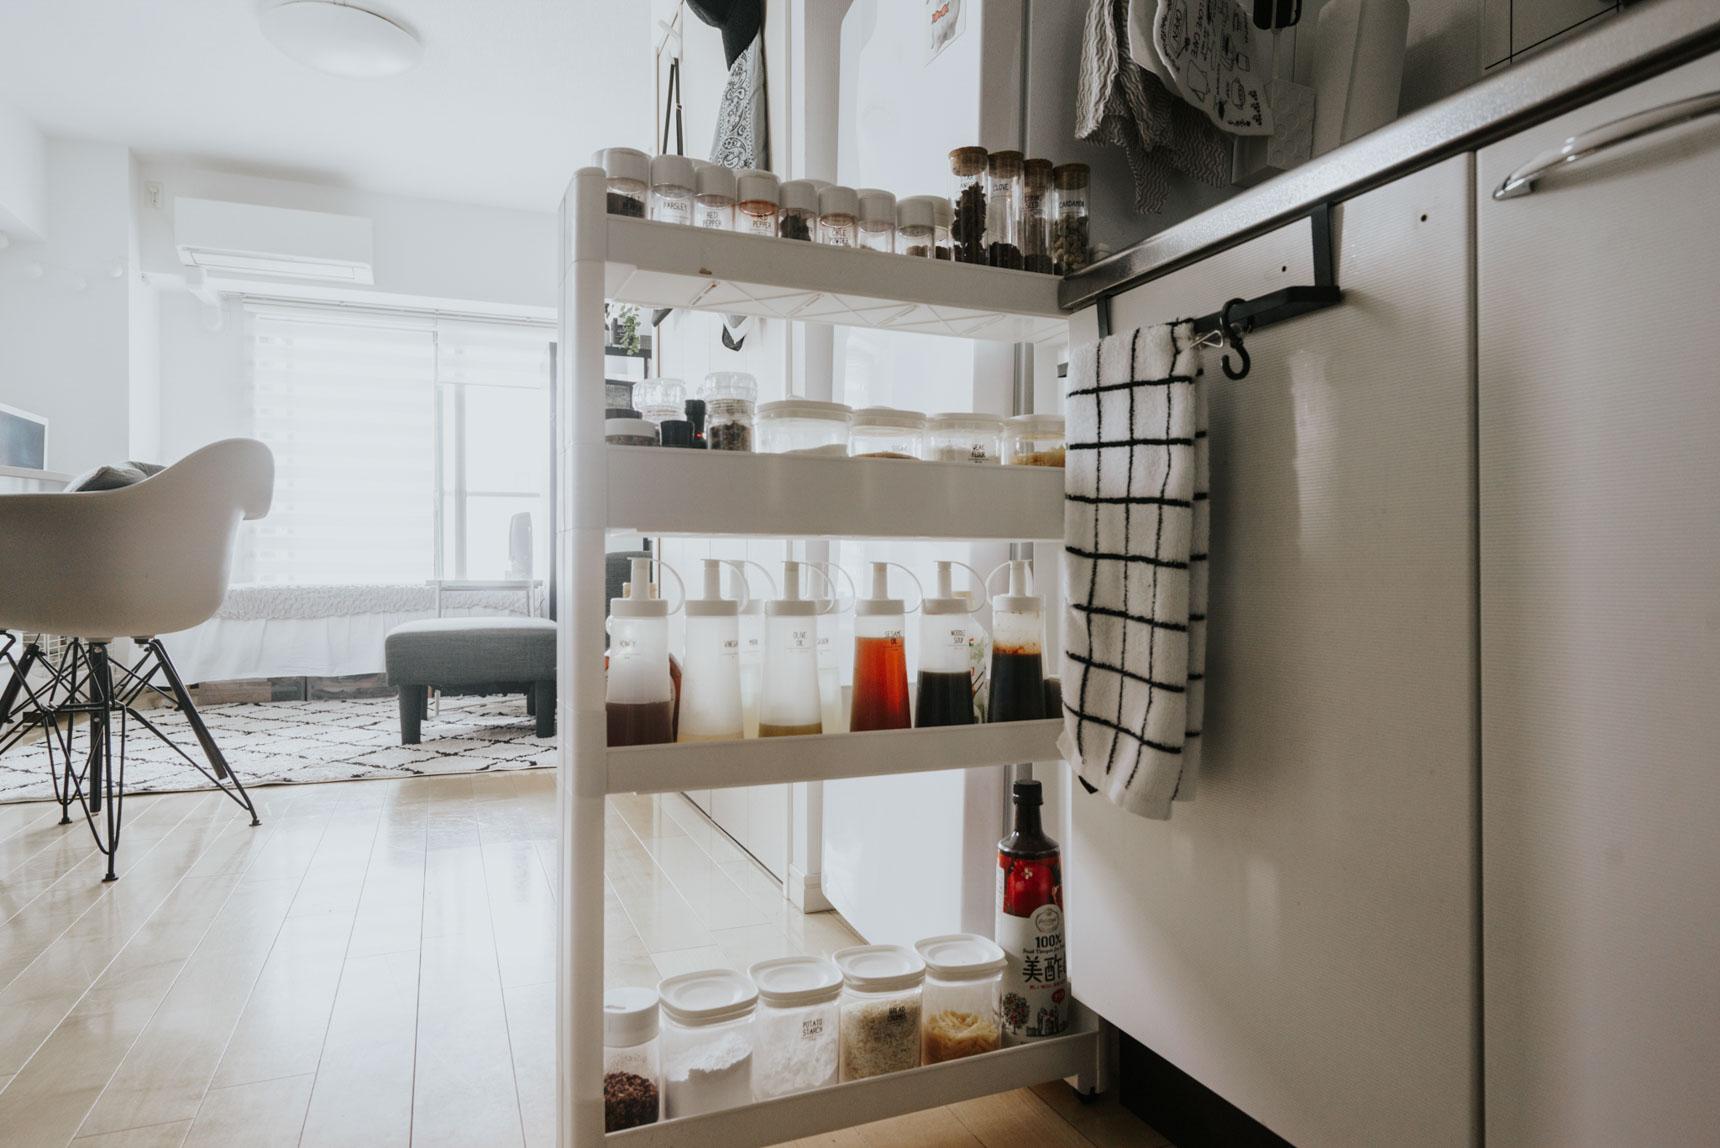 キッチン周りの収納スペースが少ないけれど、料理が好きなので調味料が多い!という方におすすめなのは、キッチンと冷蔵庫の間に収納するタイプのスパイスラック。ニトリの隙間収納ラックに、100均で揃えたケースに入れ替えて使用しています。統一感があってキレイですね。